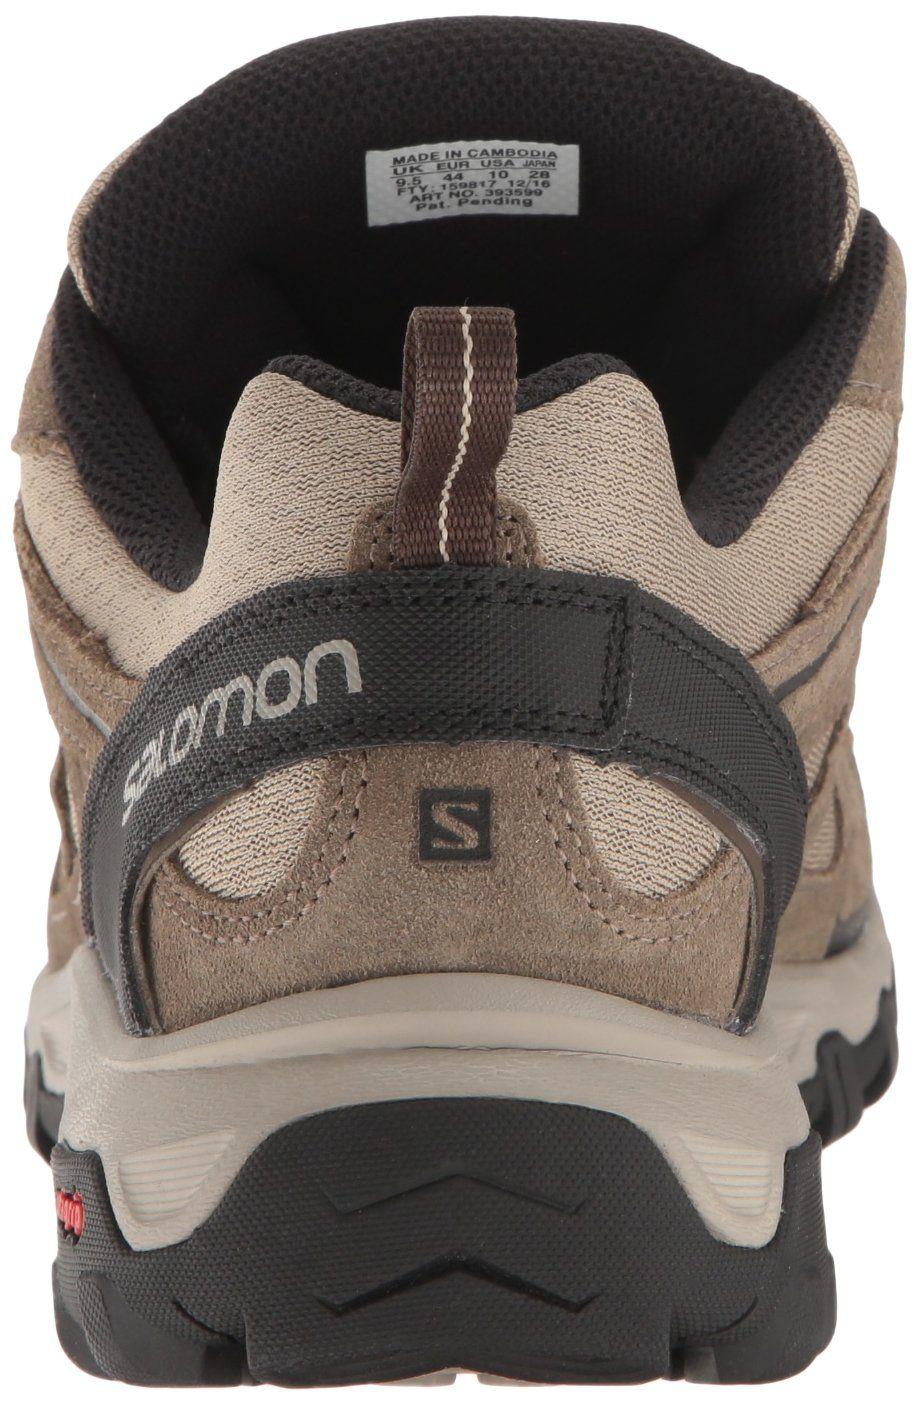 f1420b459 Salomon Mens Evasion 2 AERO Hiking Shoe Vintage kaki 11 M US ...